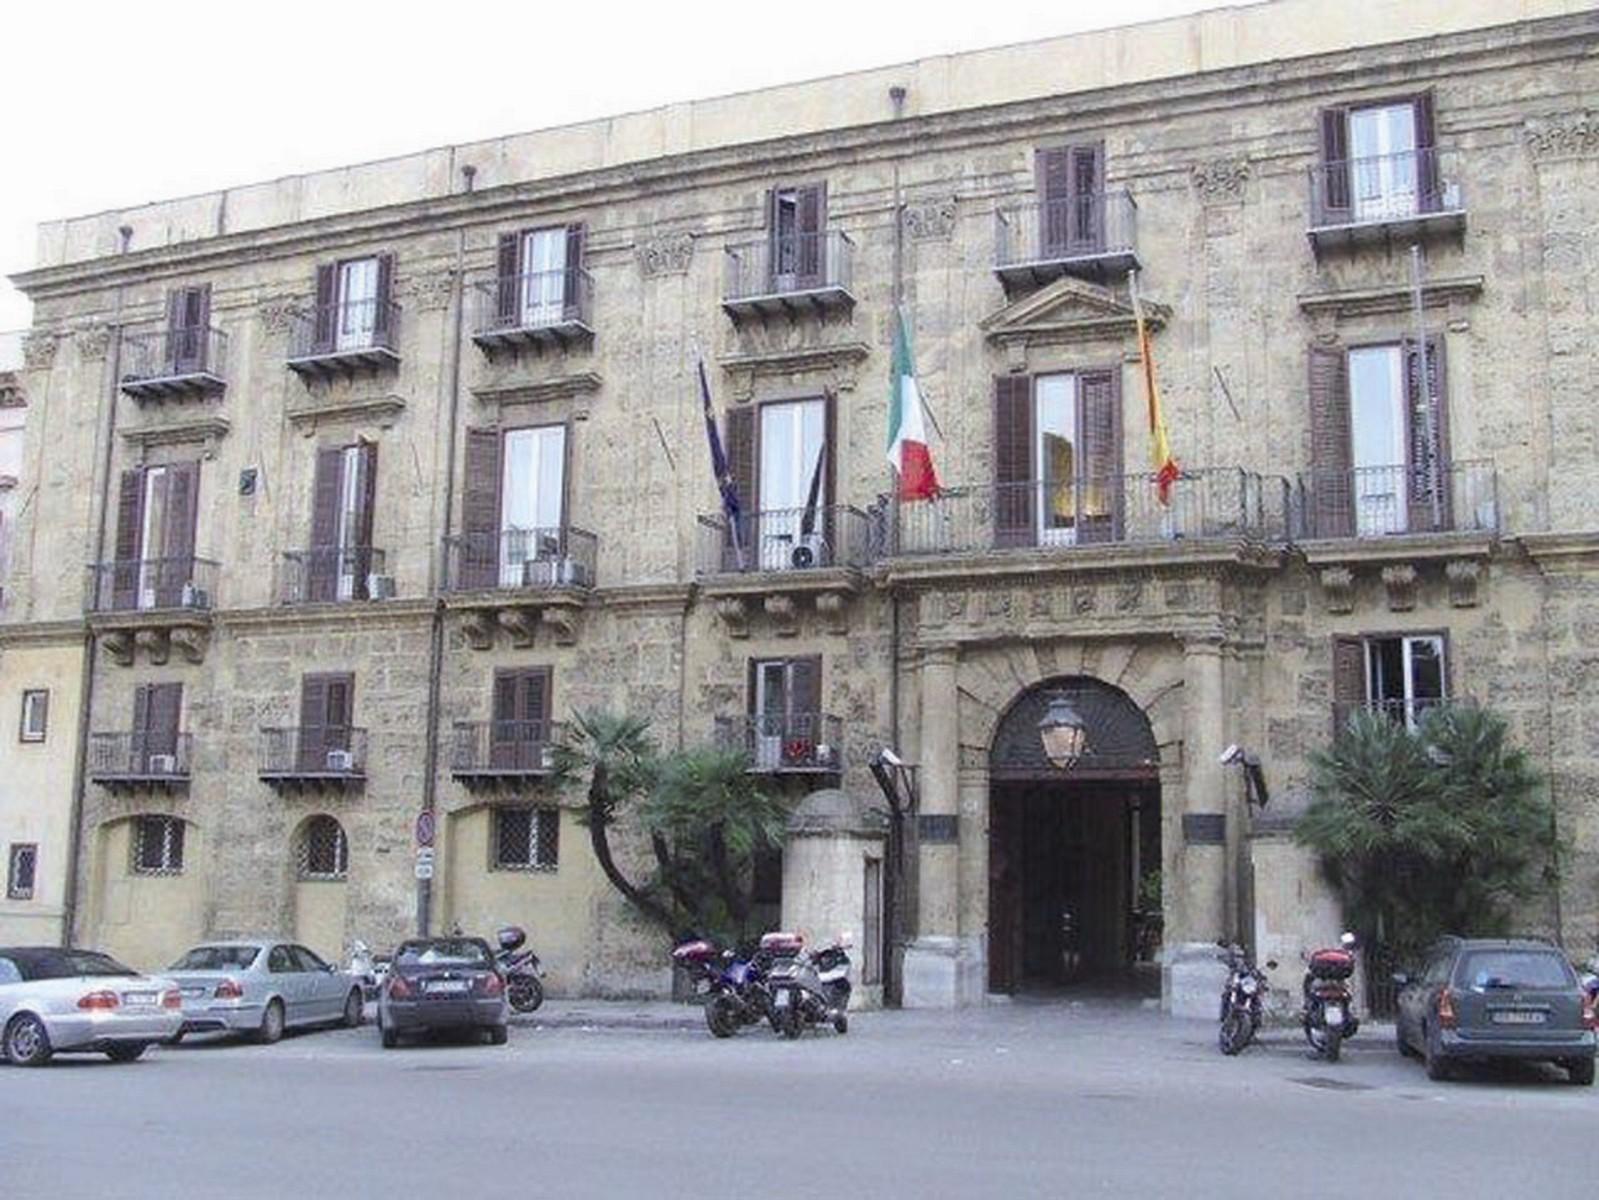 Palazzo d'Orleans - Sede della Presidenza della Regione siciliana